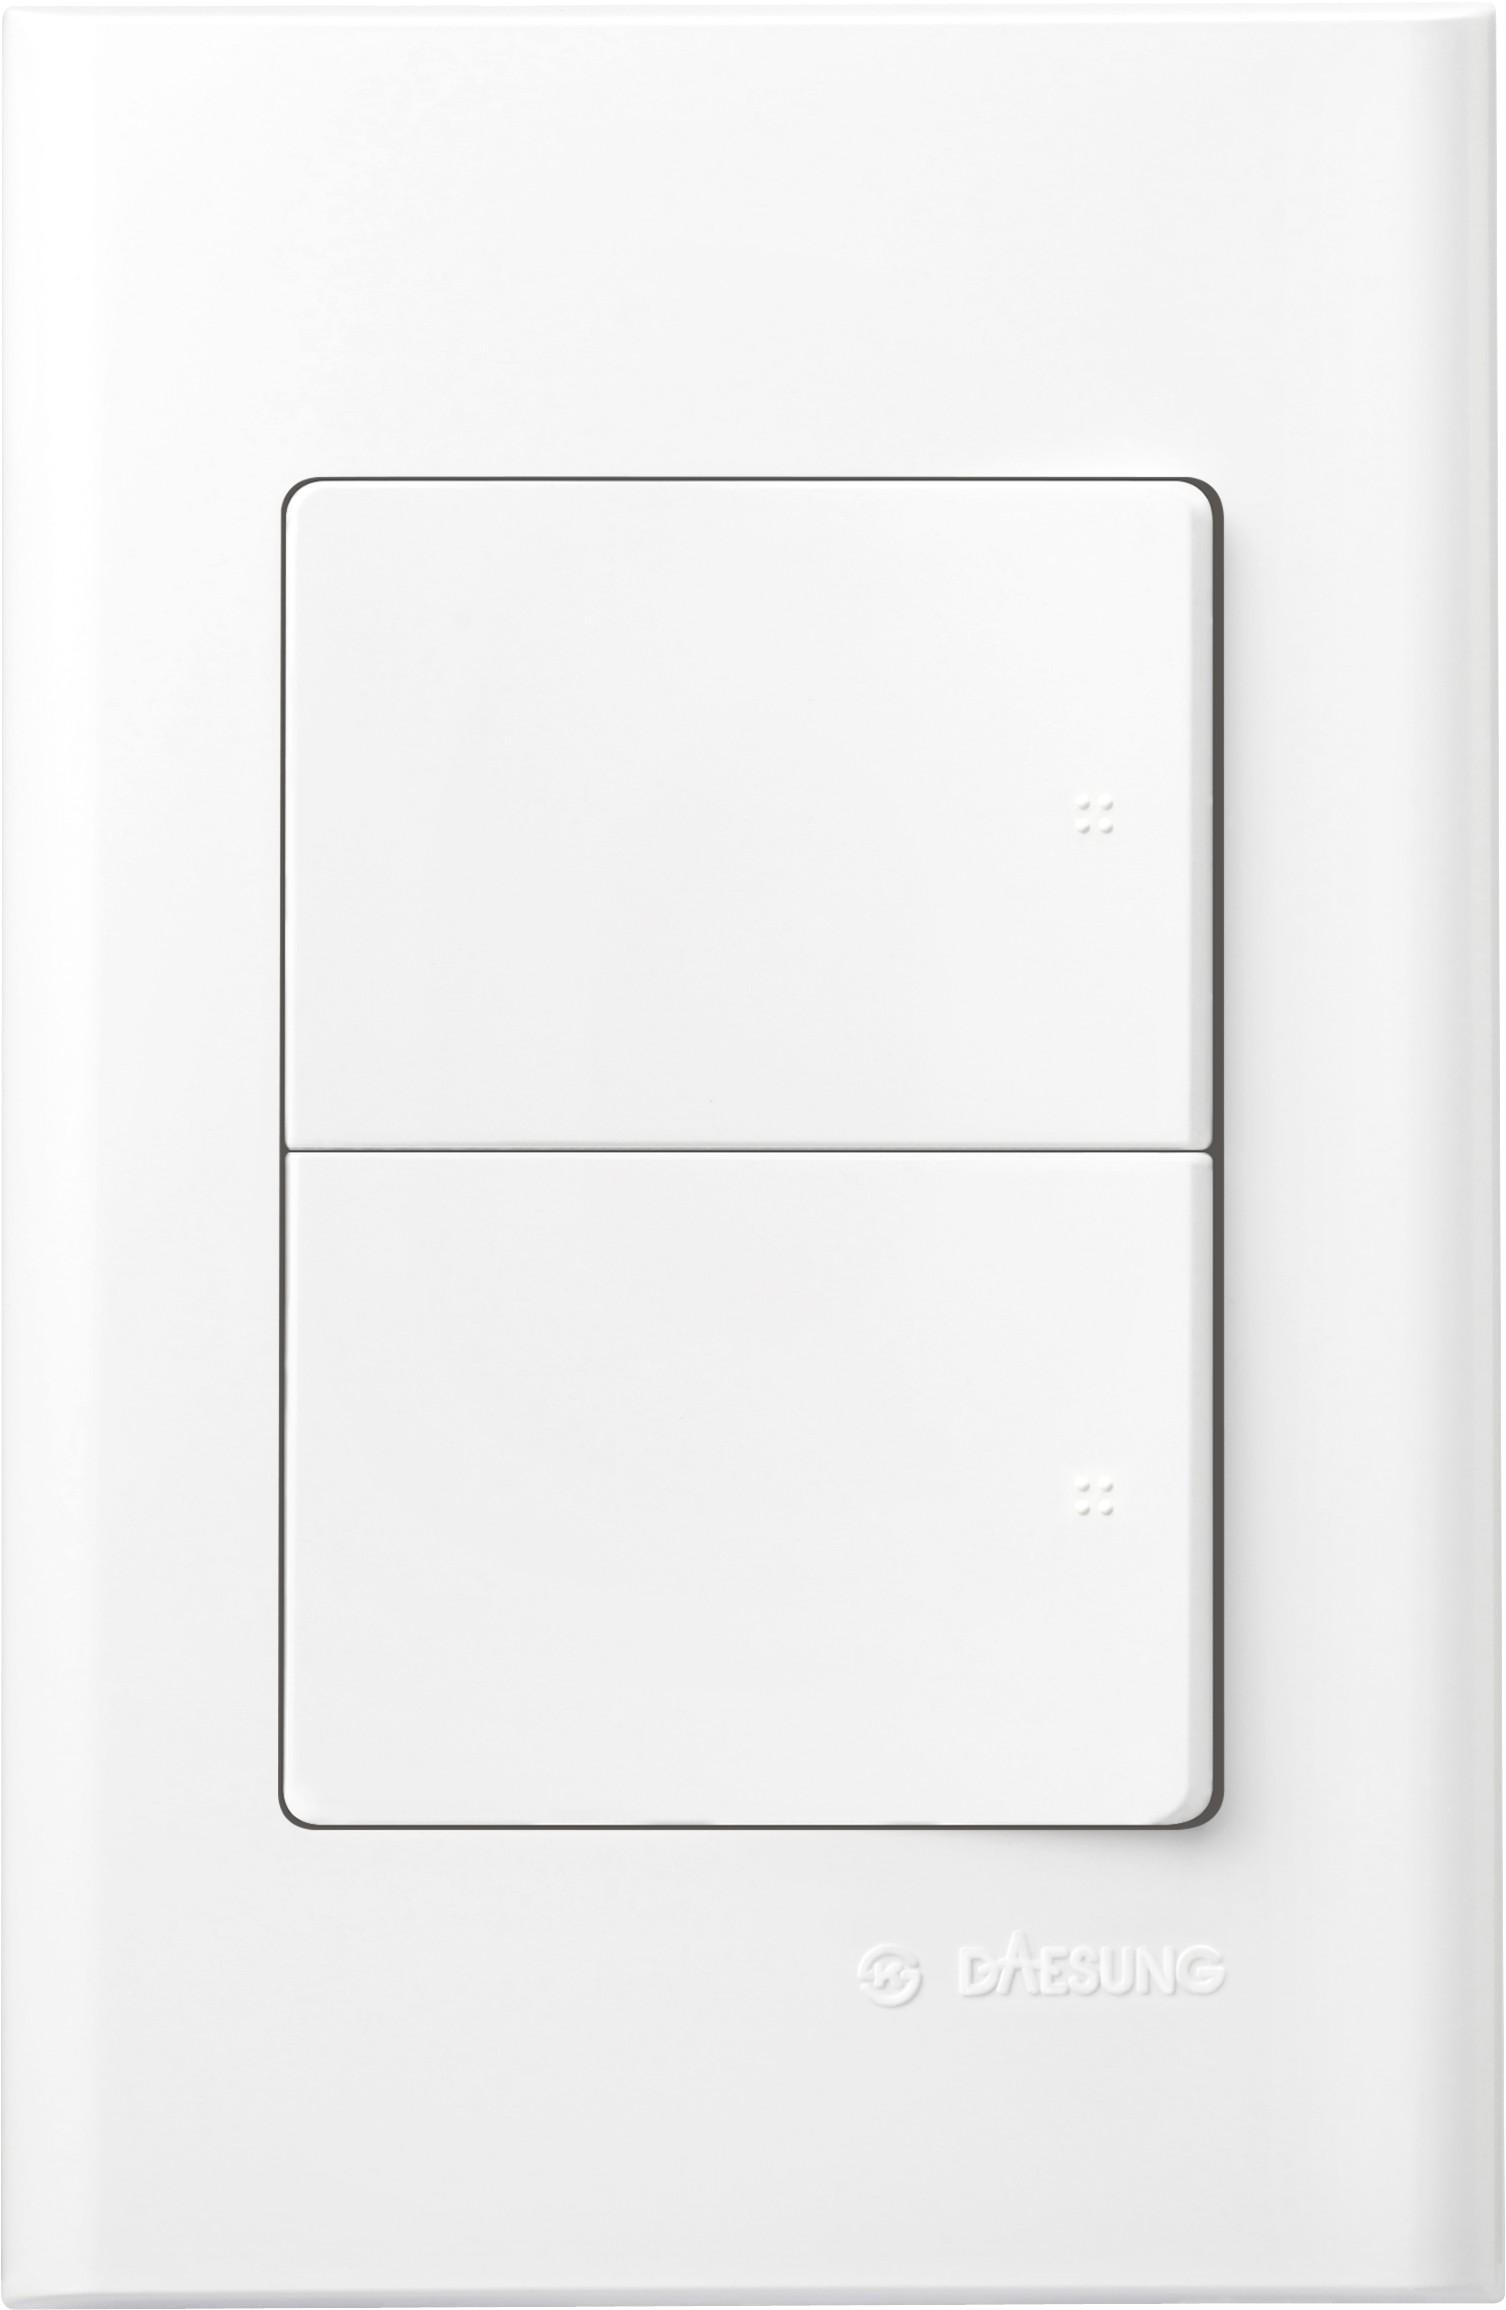 Выключатель DaesungЭлектроустановочные изделия<br>Тип изделия: выключатель,<br>Способ монтажа: скрытой установки,<br>Цвет: белый,<br>Сила тока: 16,<br>Количество клавиш: 2,<br>Выходная мощность максимально: 3500<br>